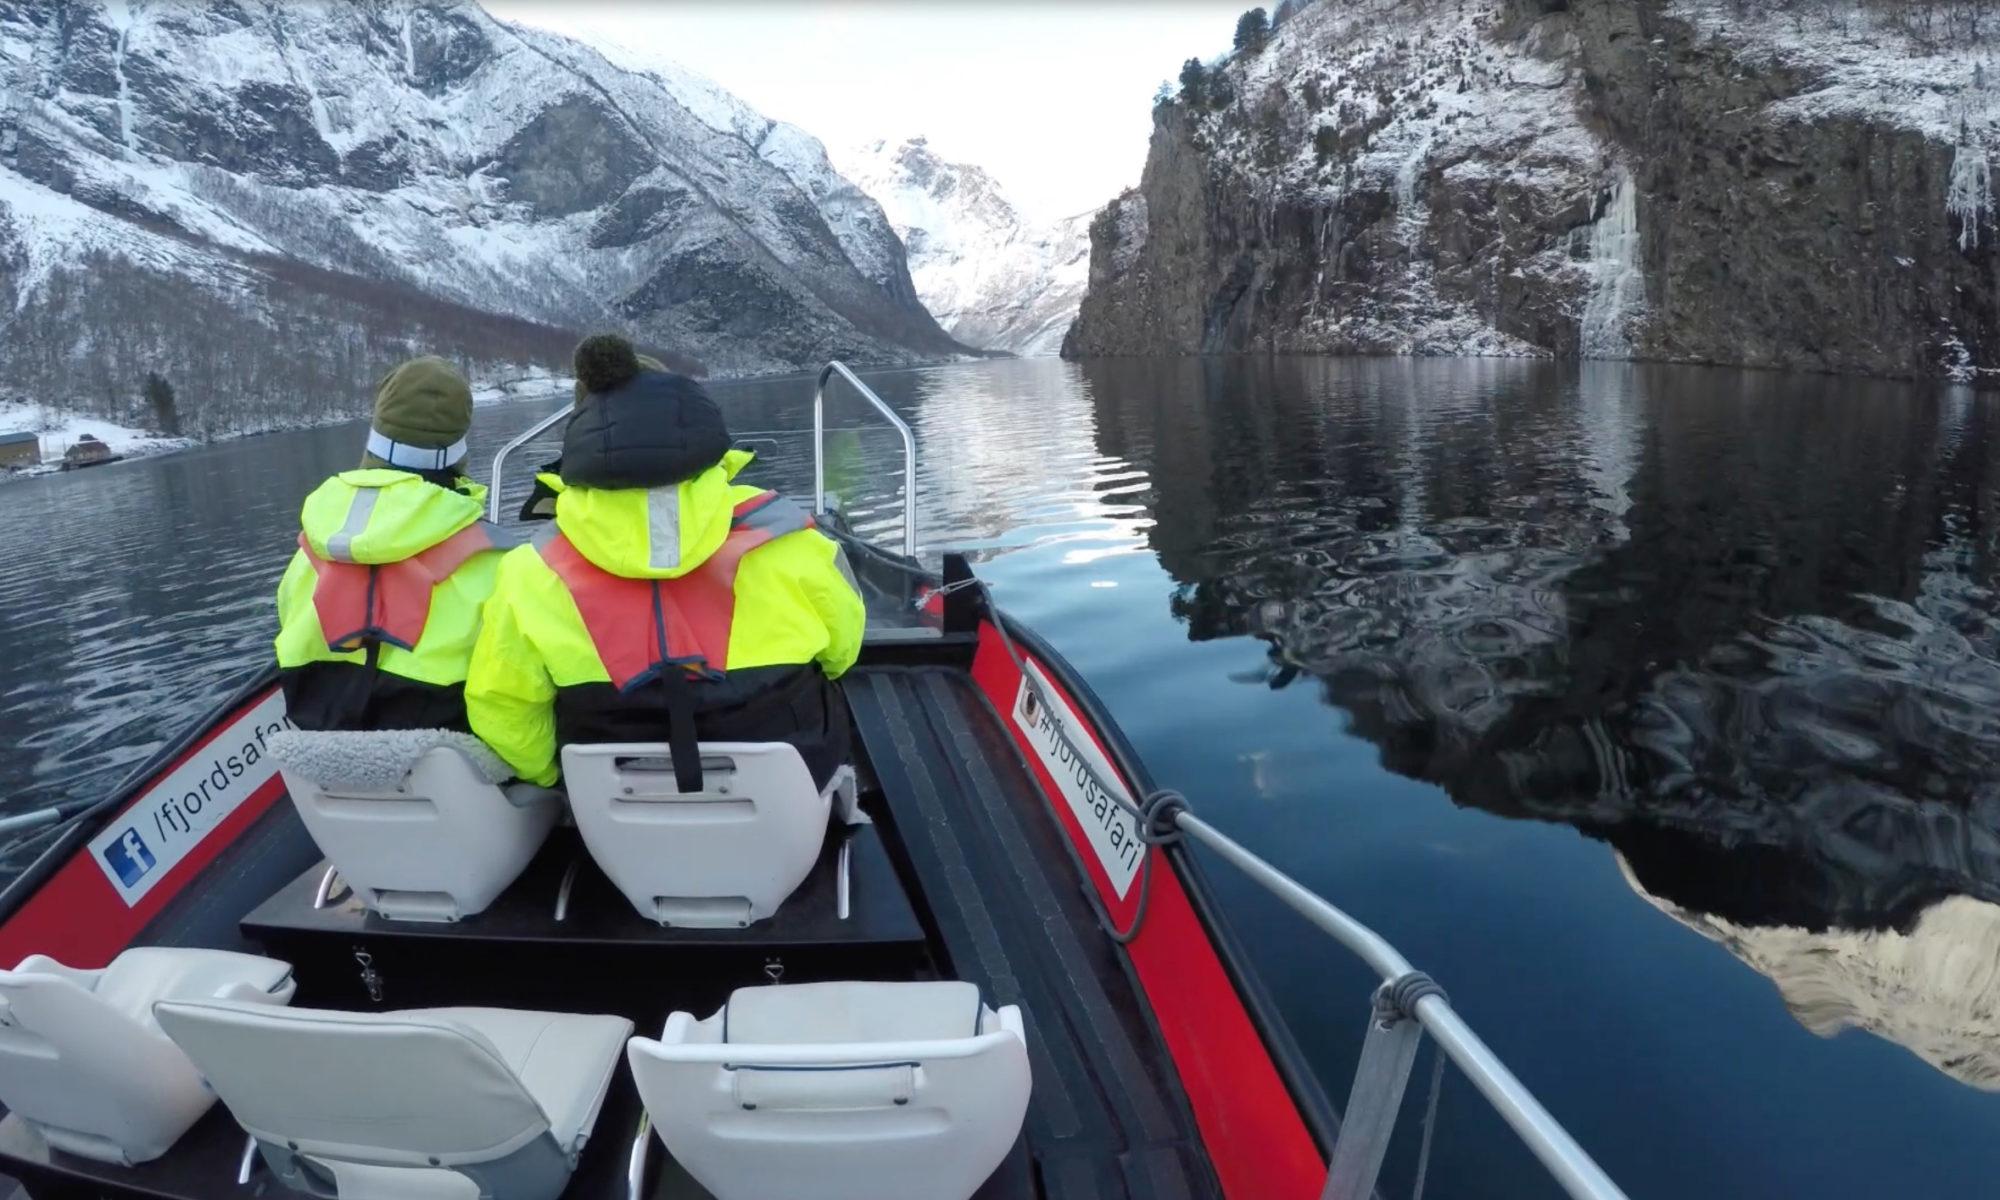 Fjordsafari on the Nærøyfjord